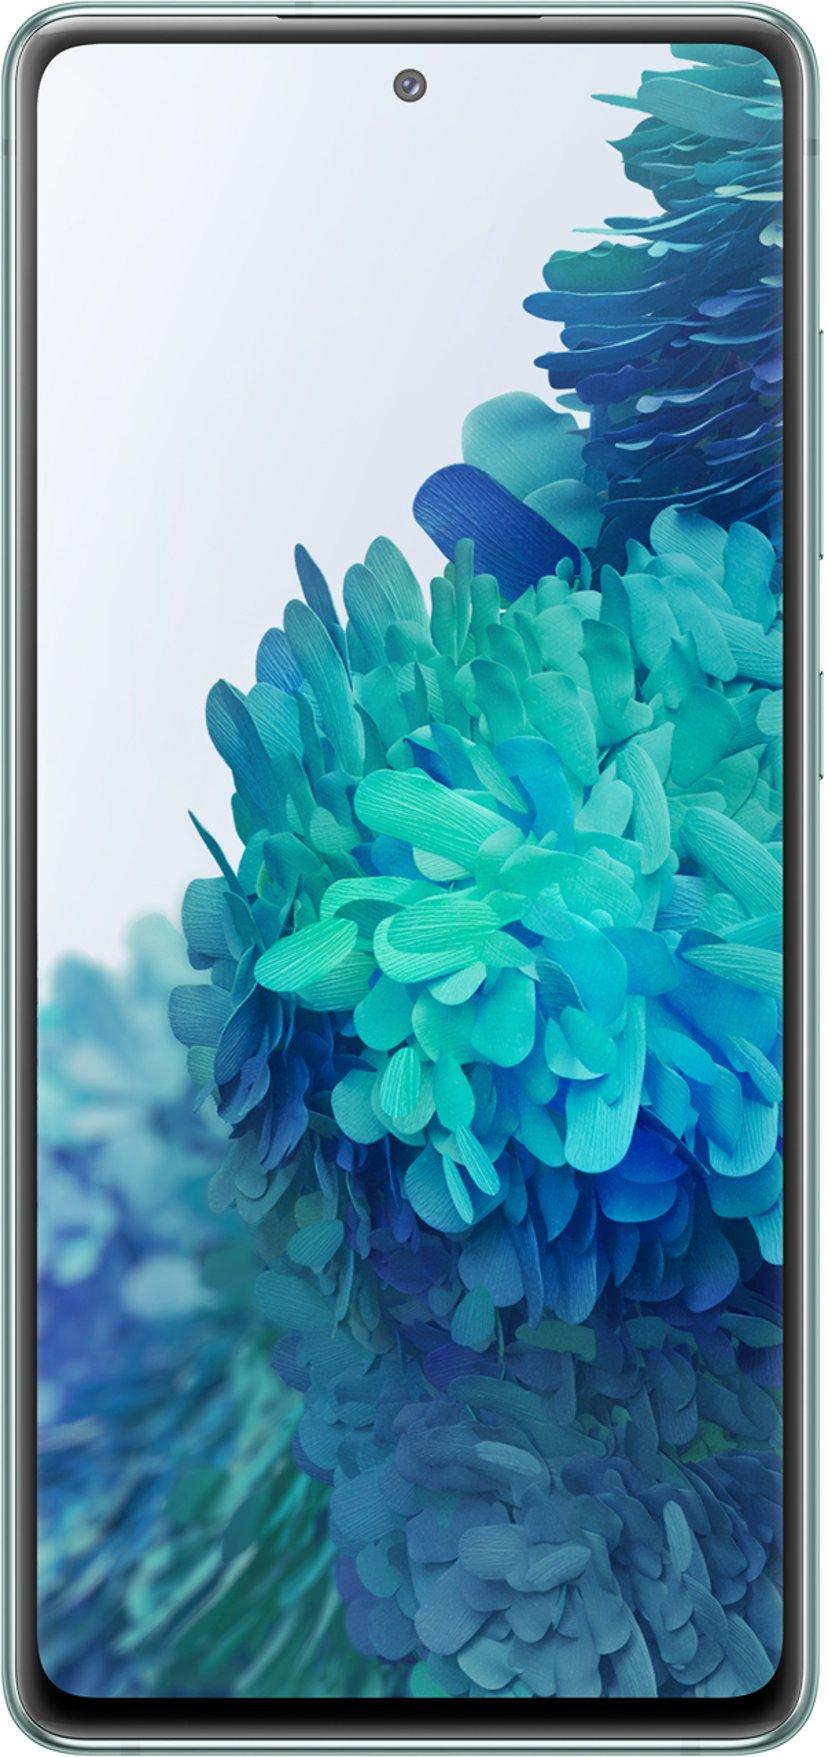 Samsung Galaxy S20 FE 4G 128GB Dual-SIM Sky-mynte